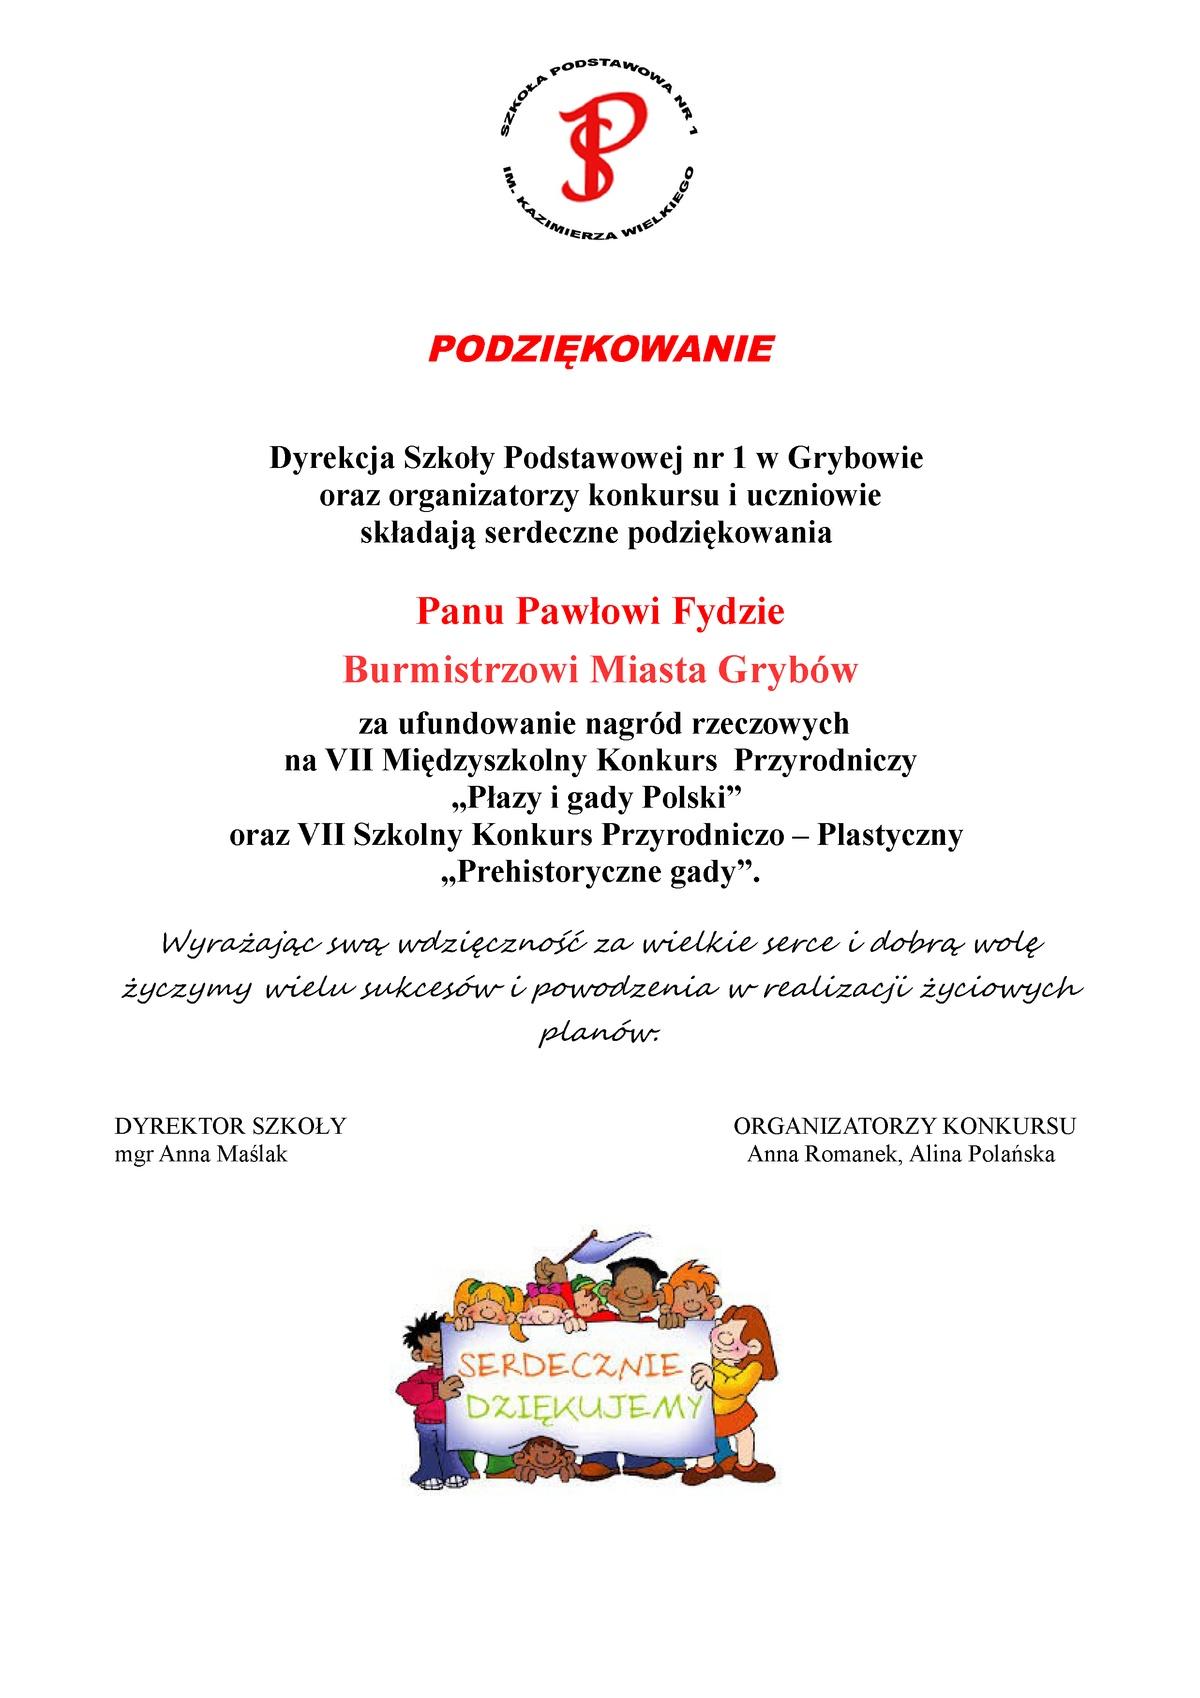 VII Międzyszkolny Konkurs Przyrodniczy: Podziękowanie dla Burmistrza Miasta Grybów